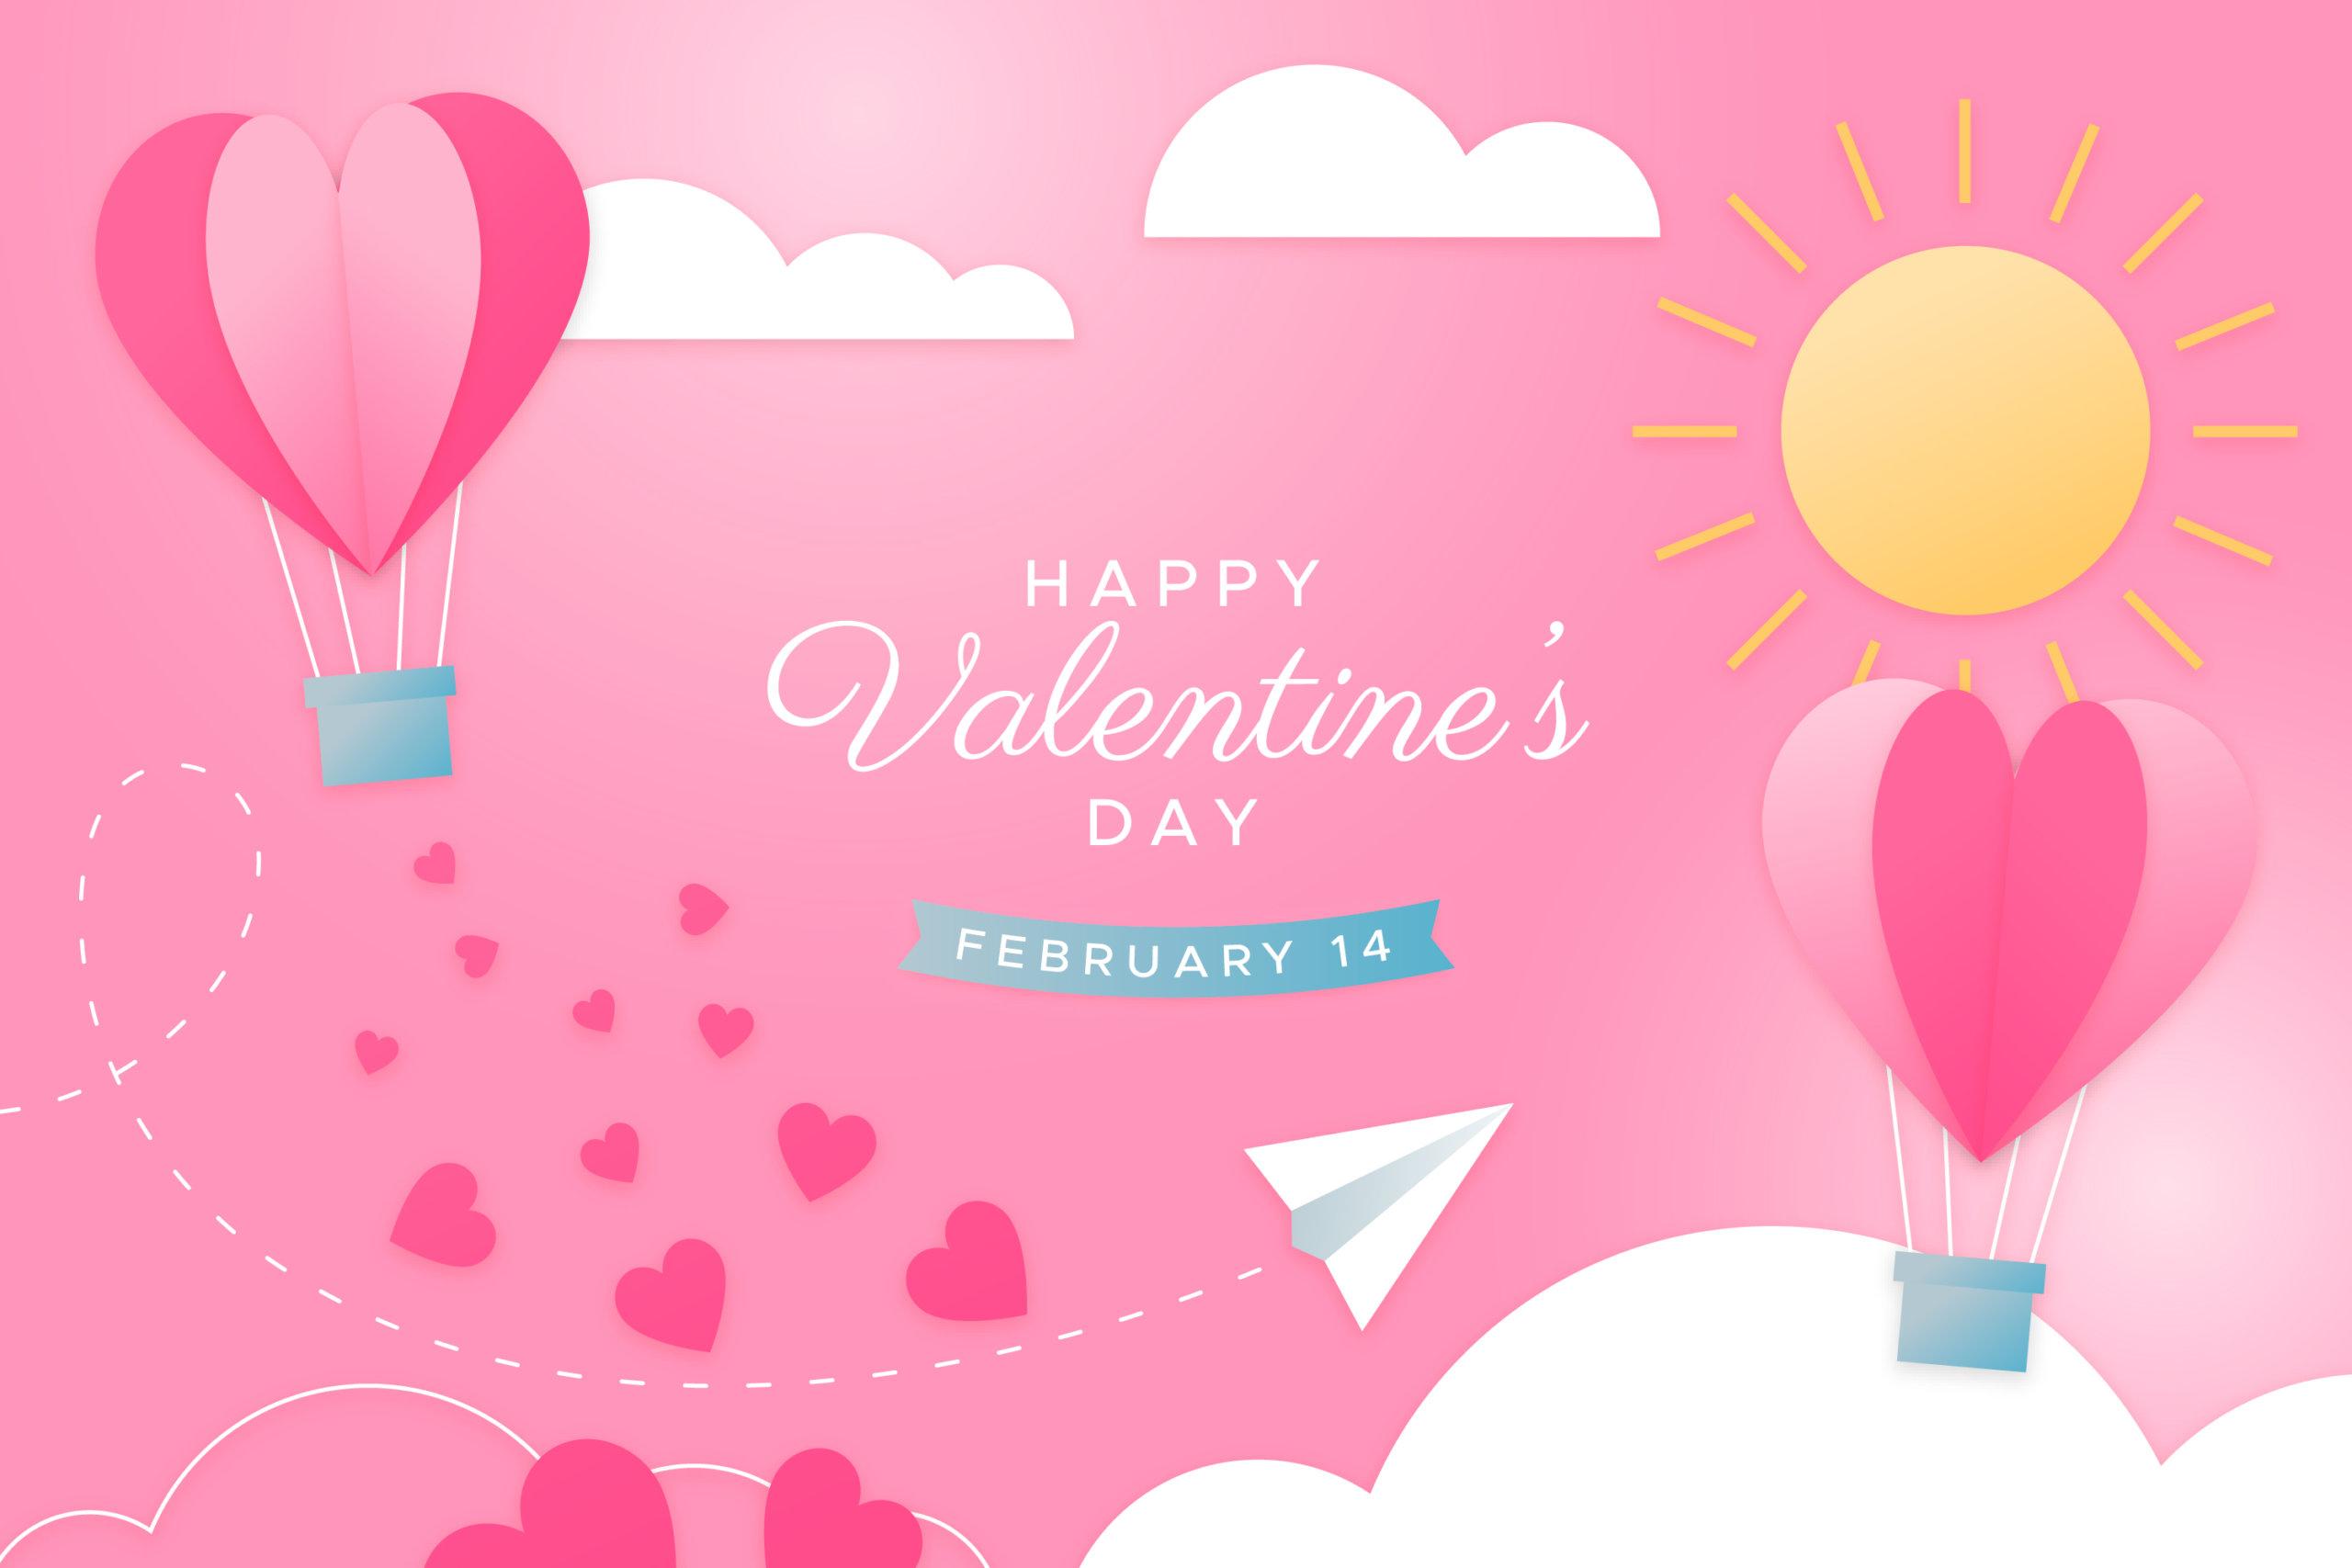 16款七夕节情人节爱心心形公益慈善海报传单AI设计素材 Valentines Day Love Promotion Poster插图10